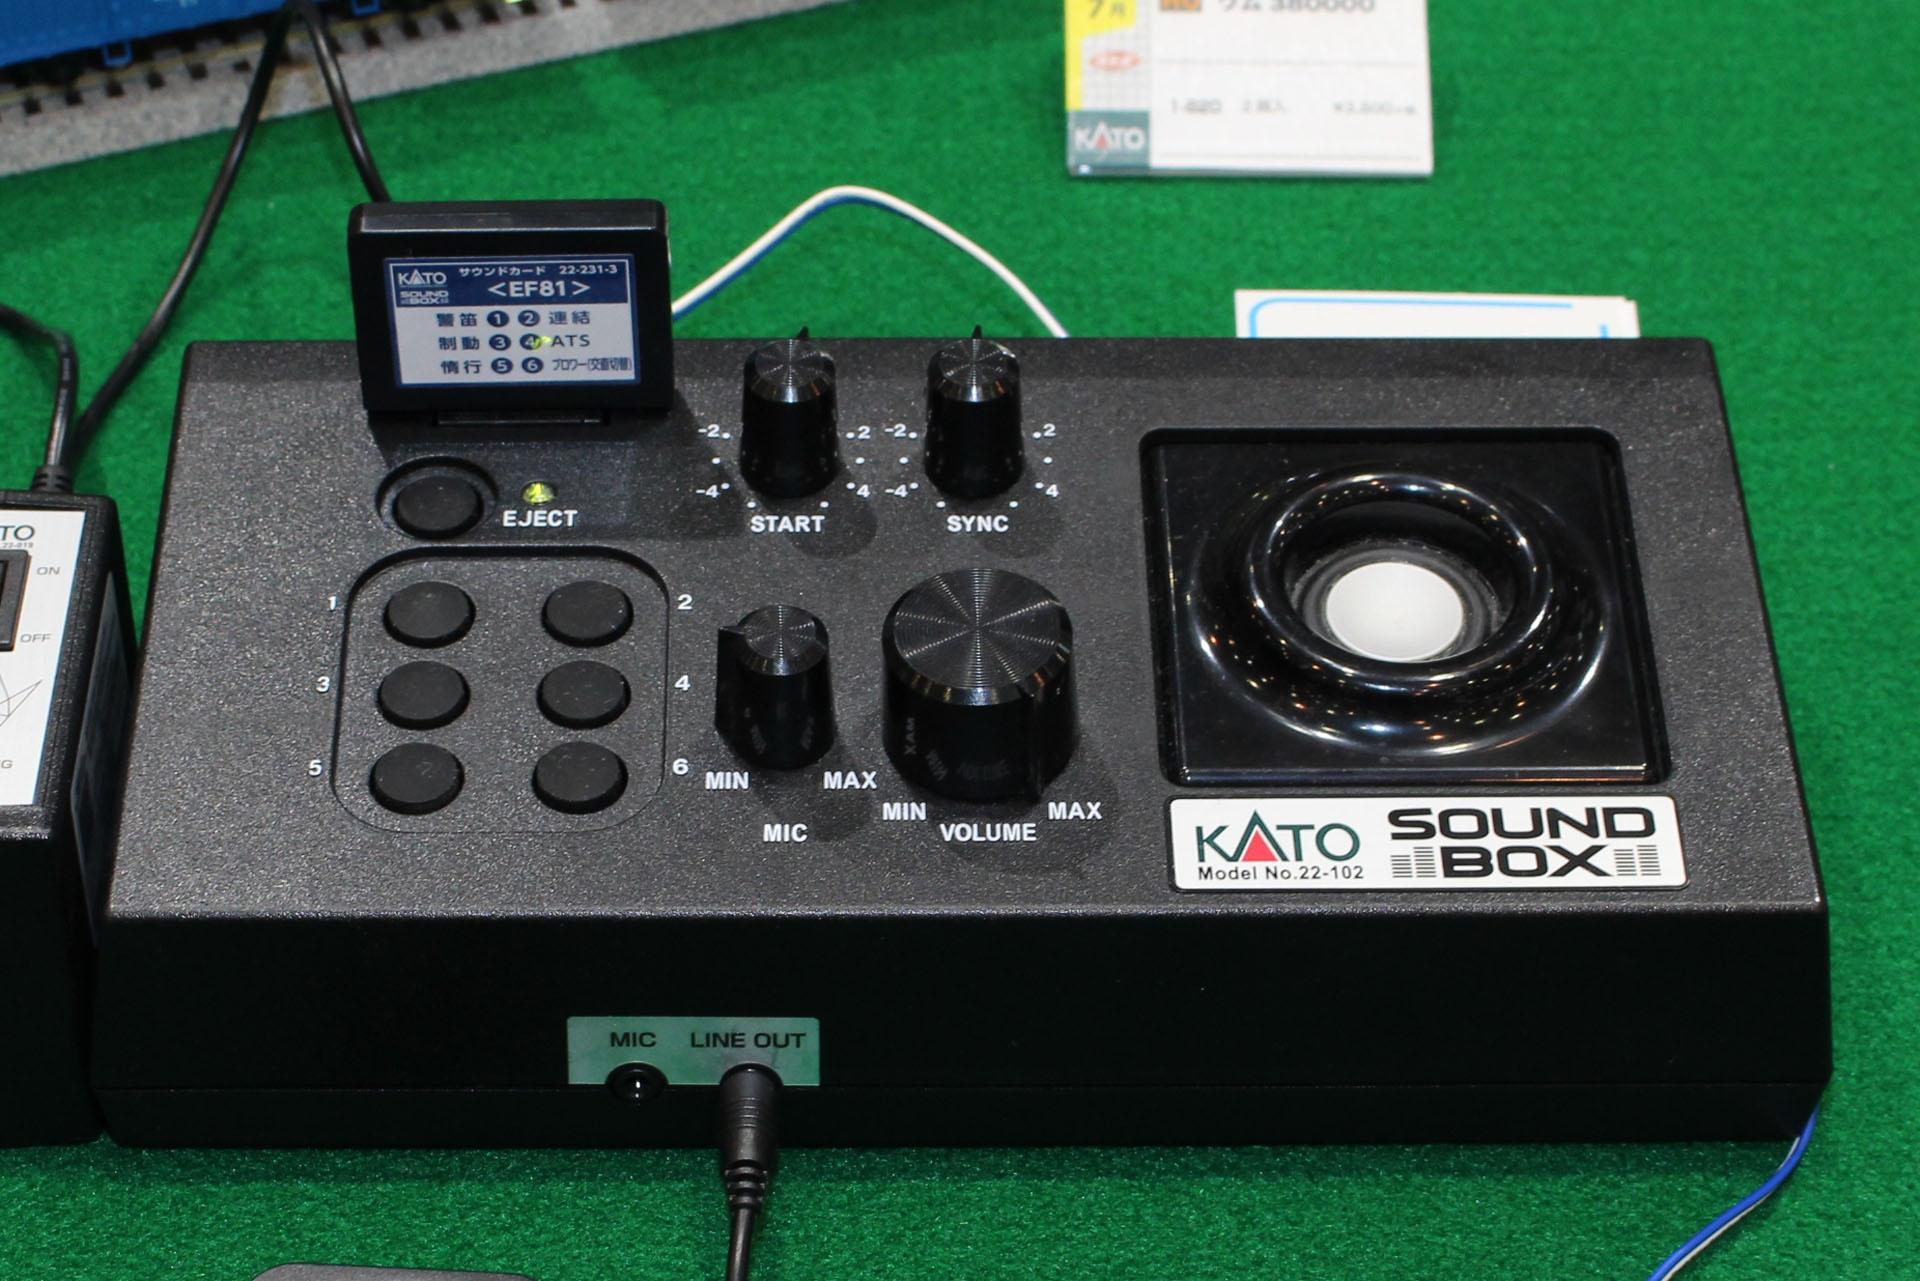 左の6つのボタンで対象の操作音が再生。通常は右にあるスピーカーから音が流れる